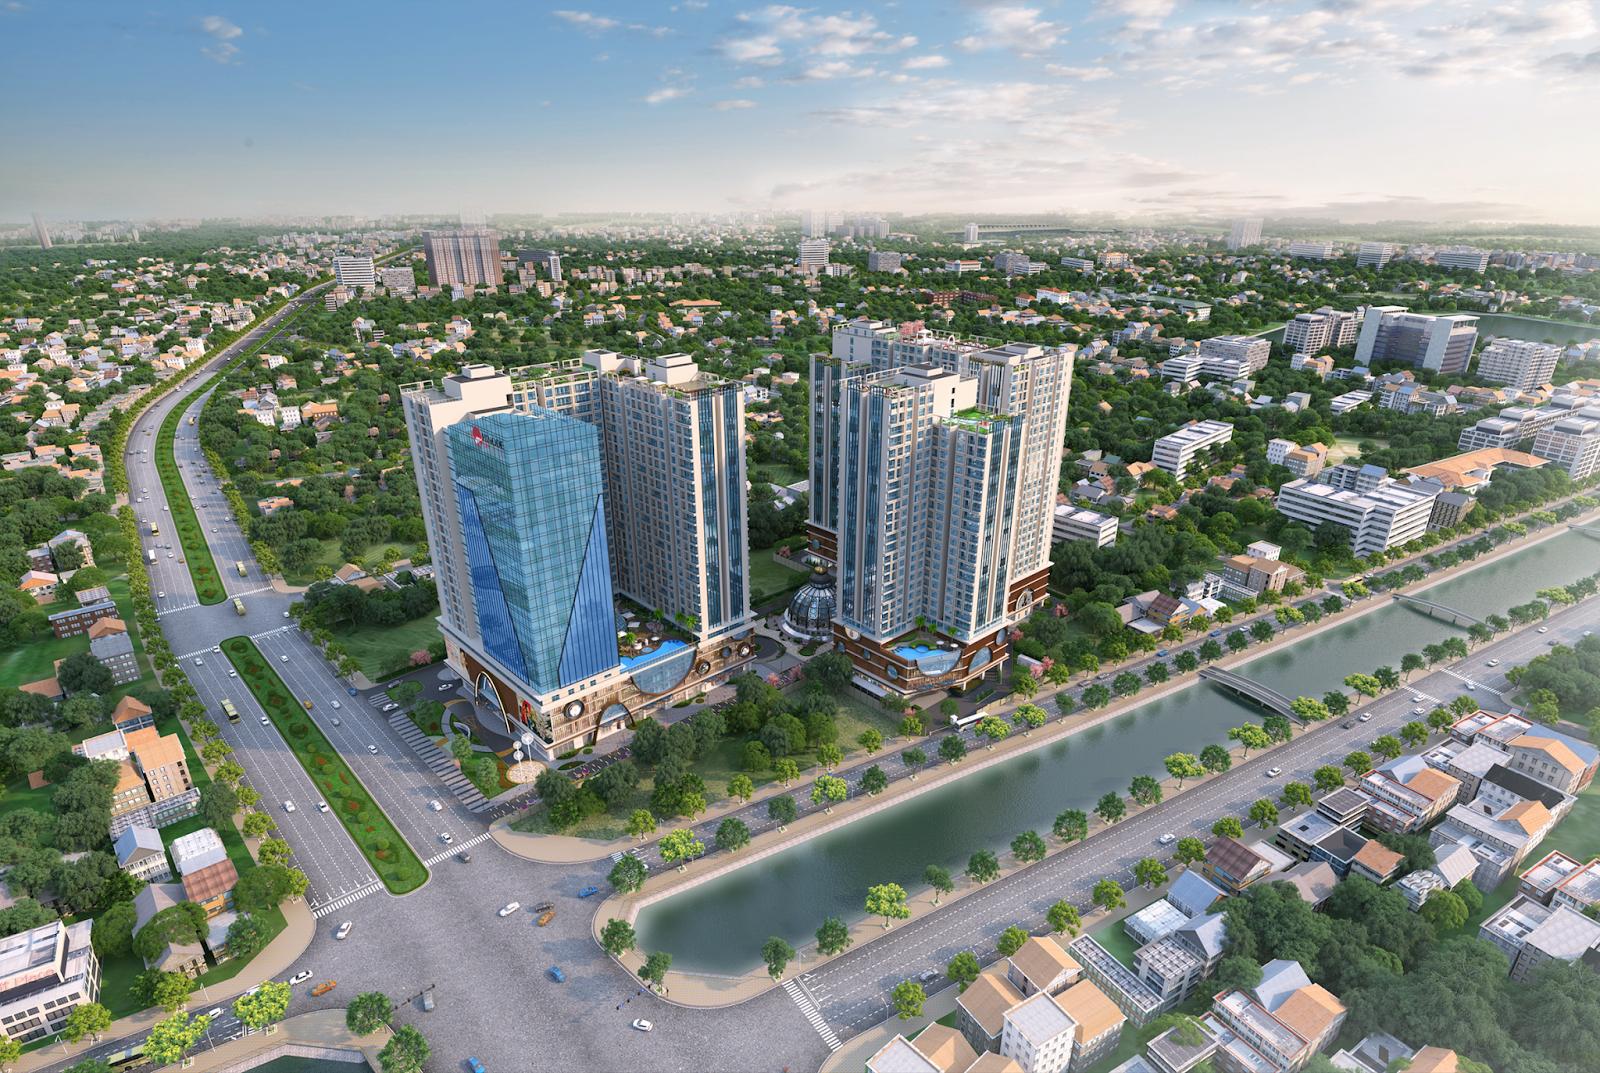 Hinode City nằm tại vị trí góc của đường Minh Khai và Kim Ngưu